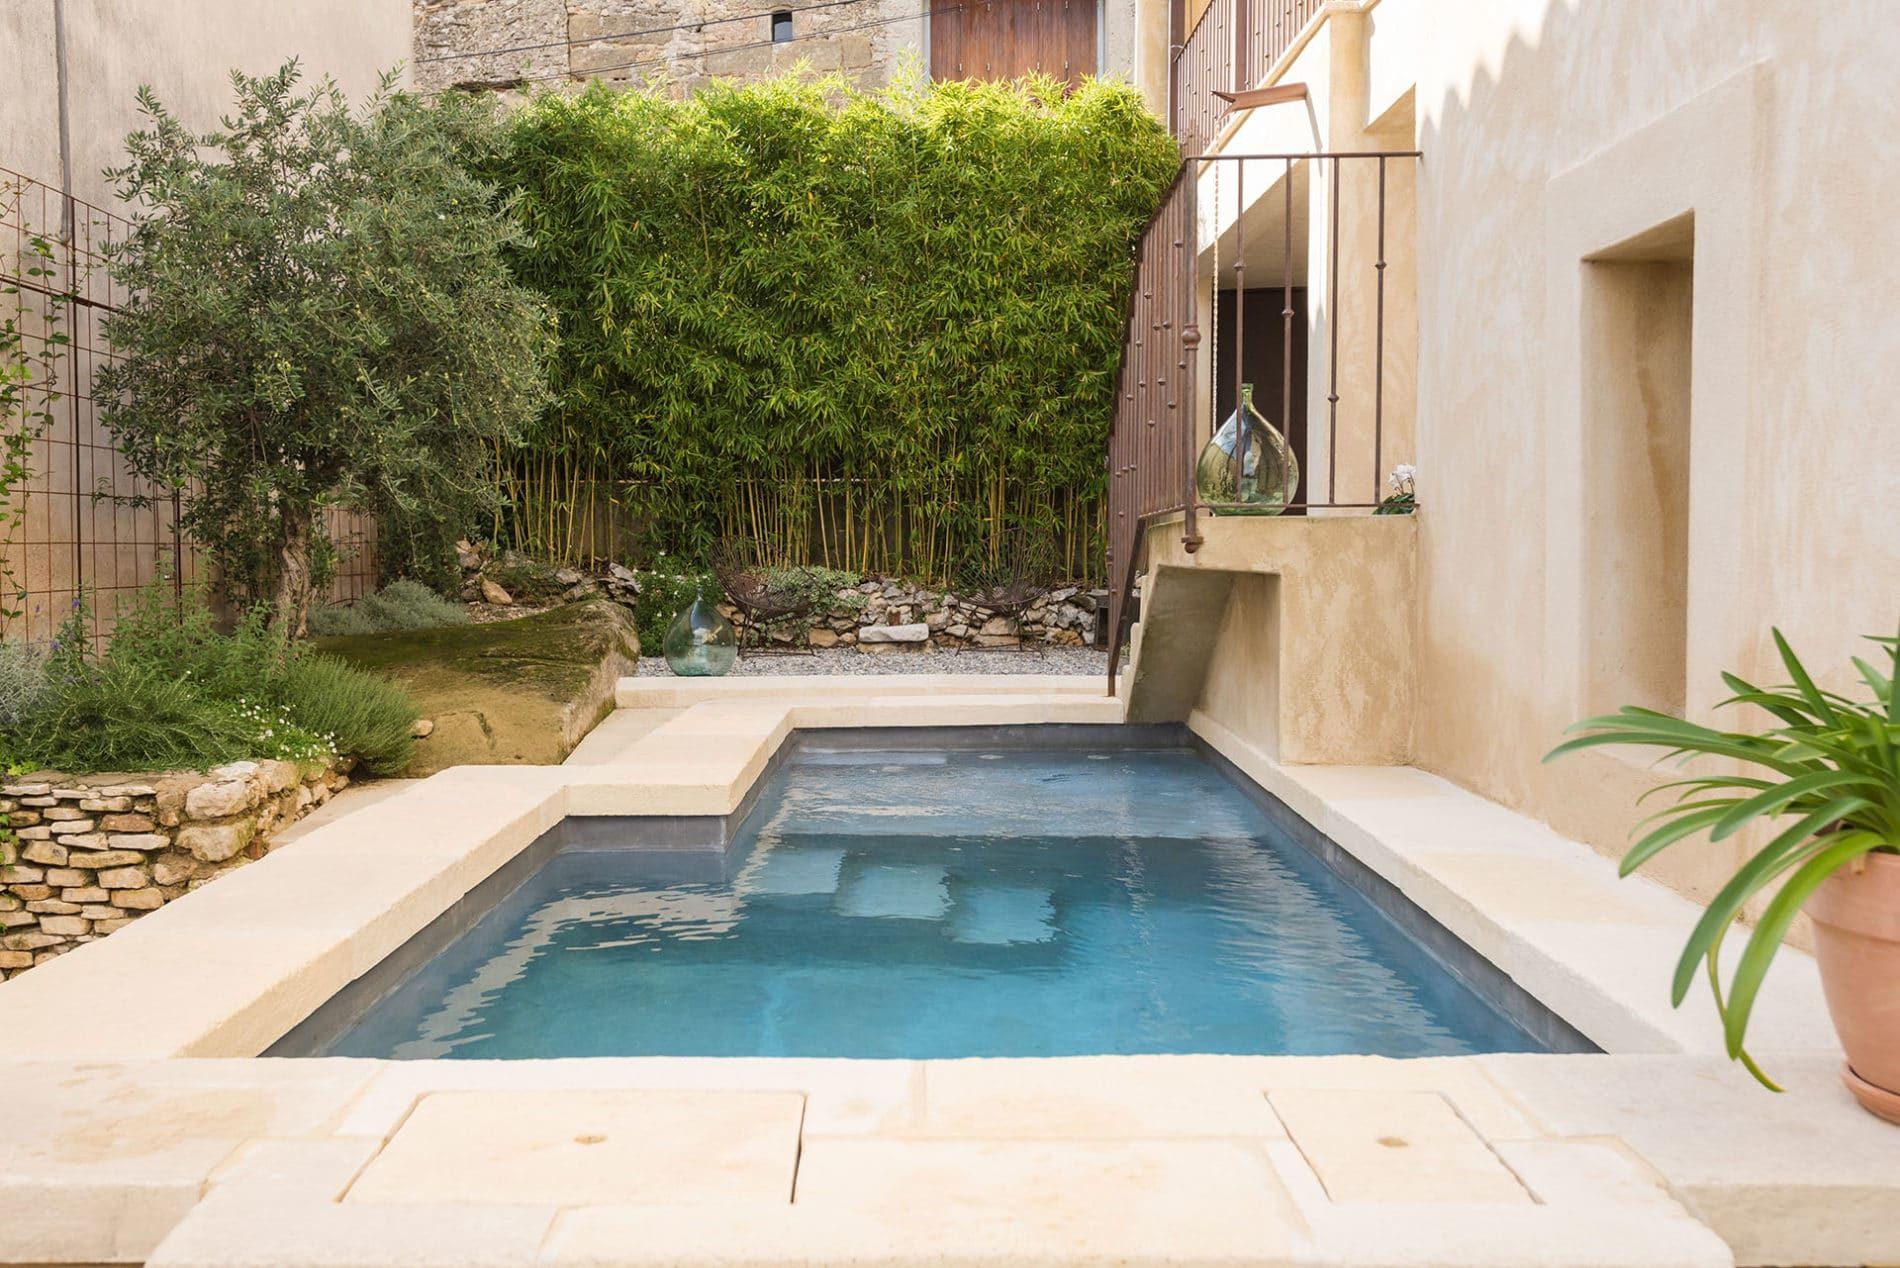 Comment aménager un petit jardin avec une mini piscine ? | Idées ...